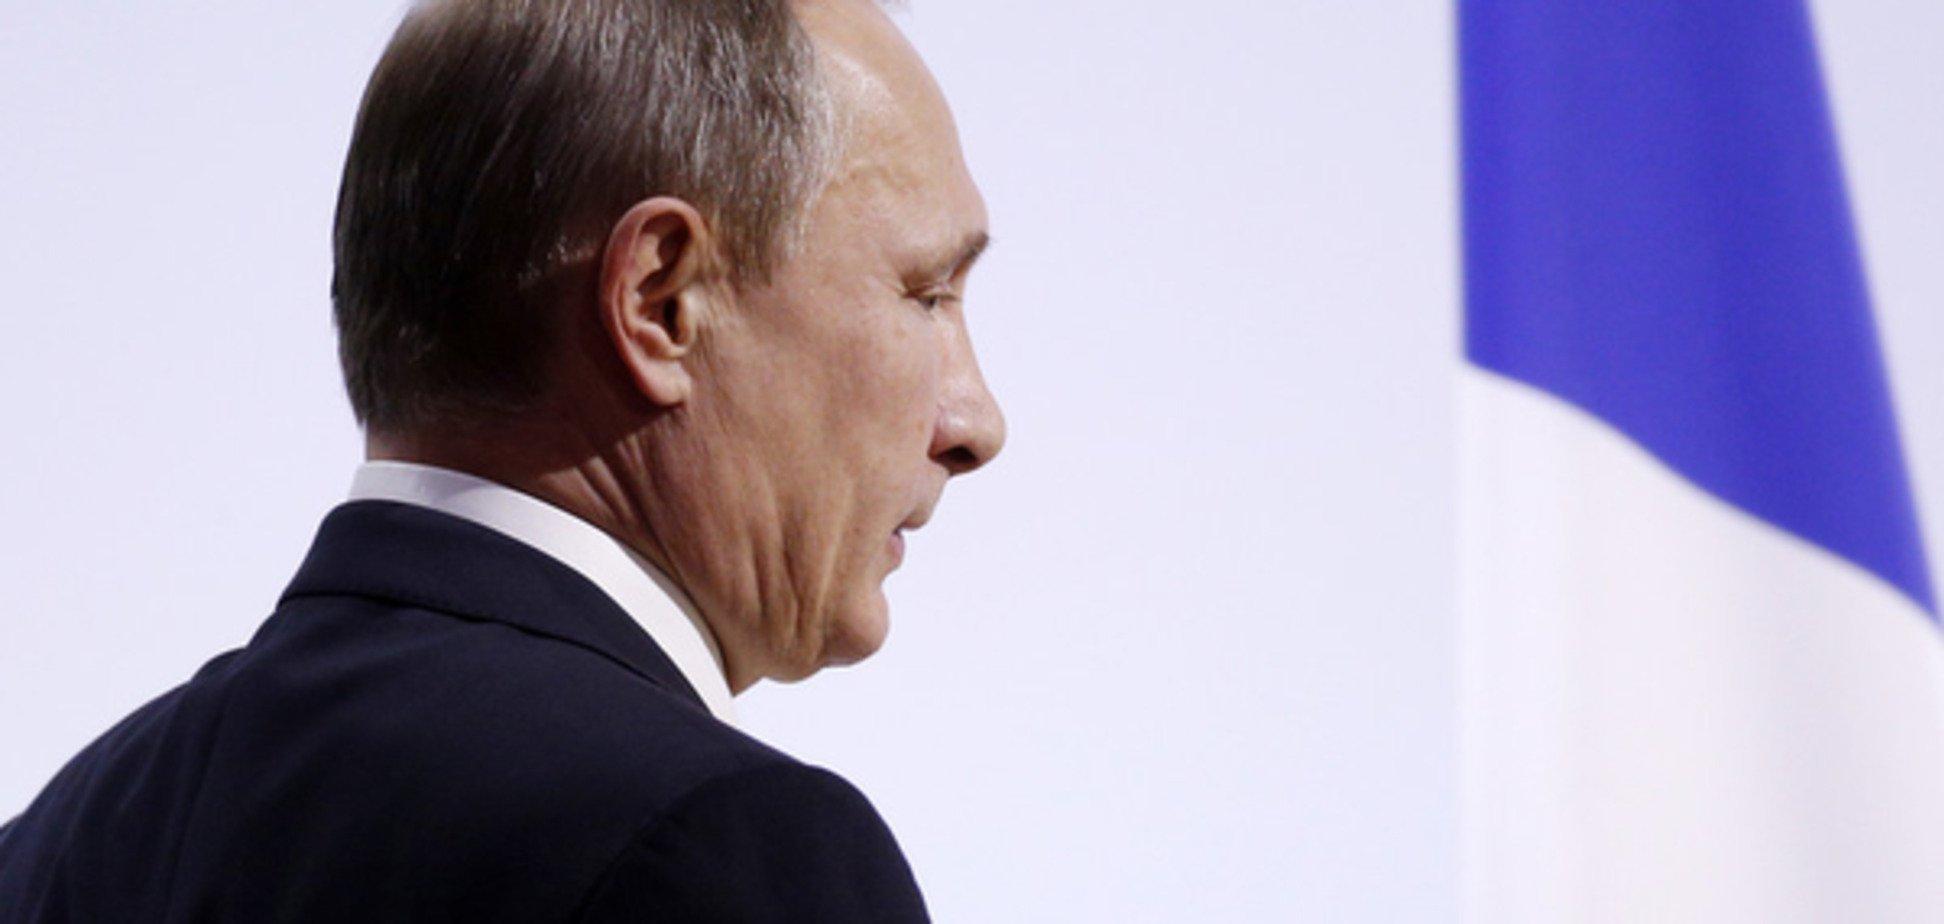 Київ направив Москві ноту протесту через візит Путіна до Криму